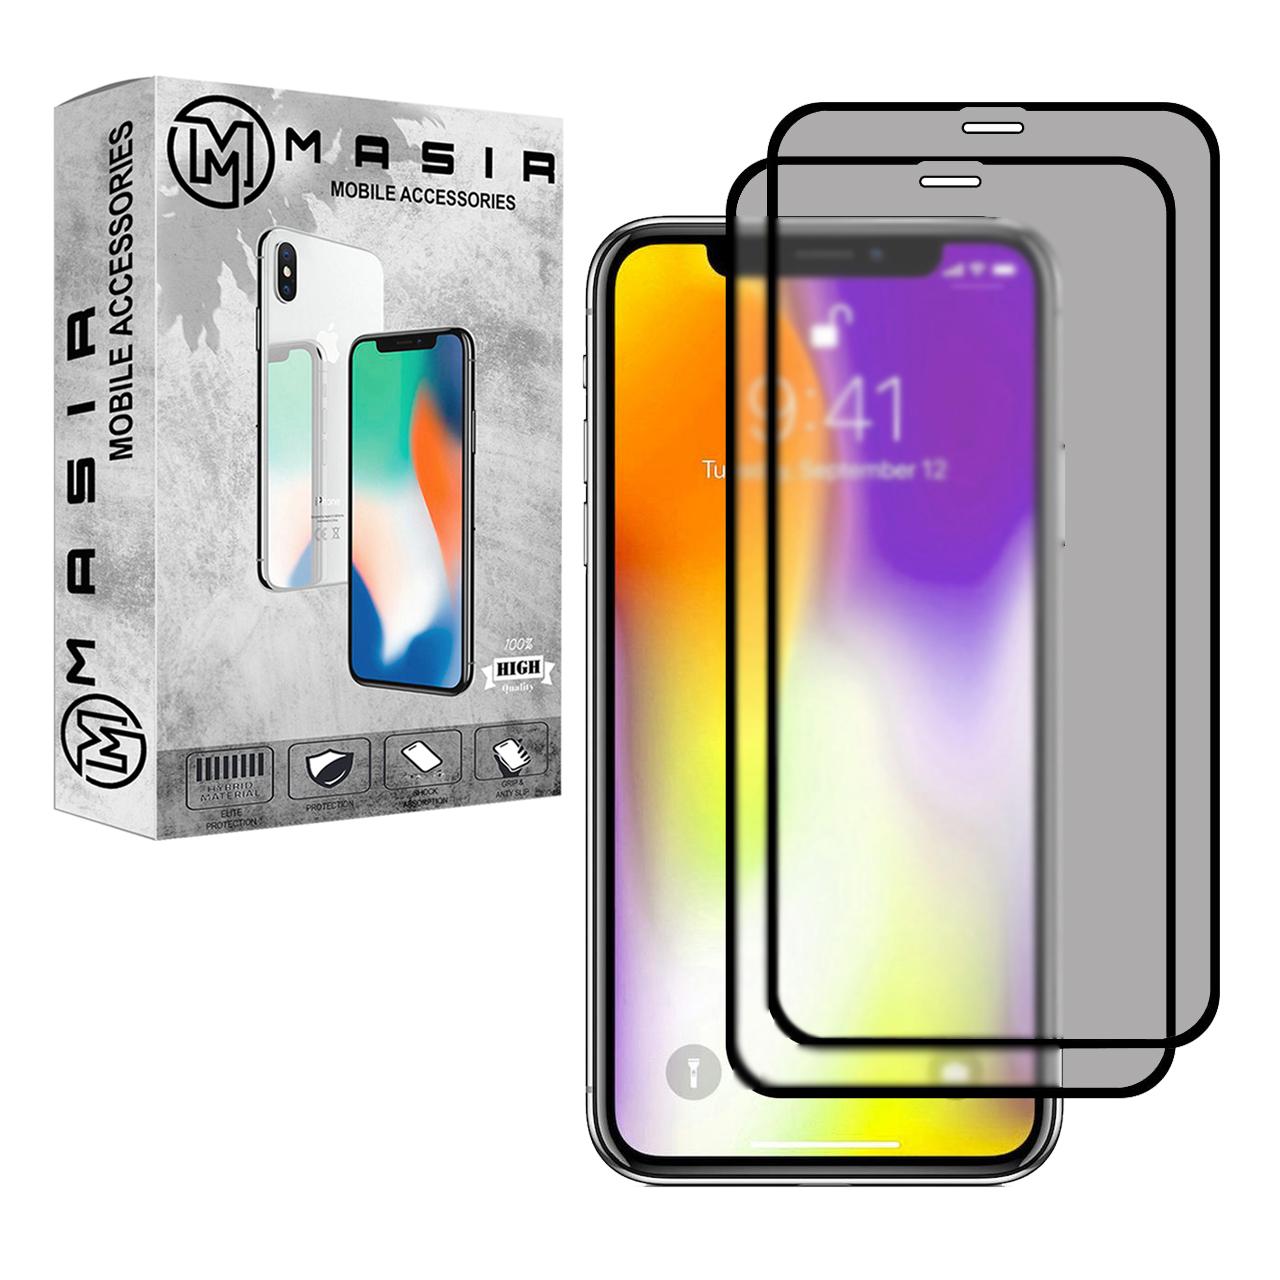 محافظ صفحه نمایش حریم شخصی مسیر مدل MGFPV-2 مناسب برای گوشی موبایل اپل iPhone 11 Pro Max  بسته دو عددی